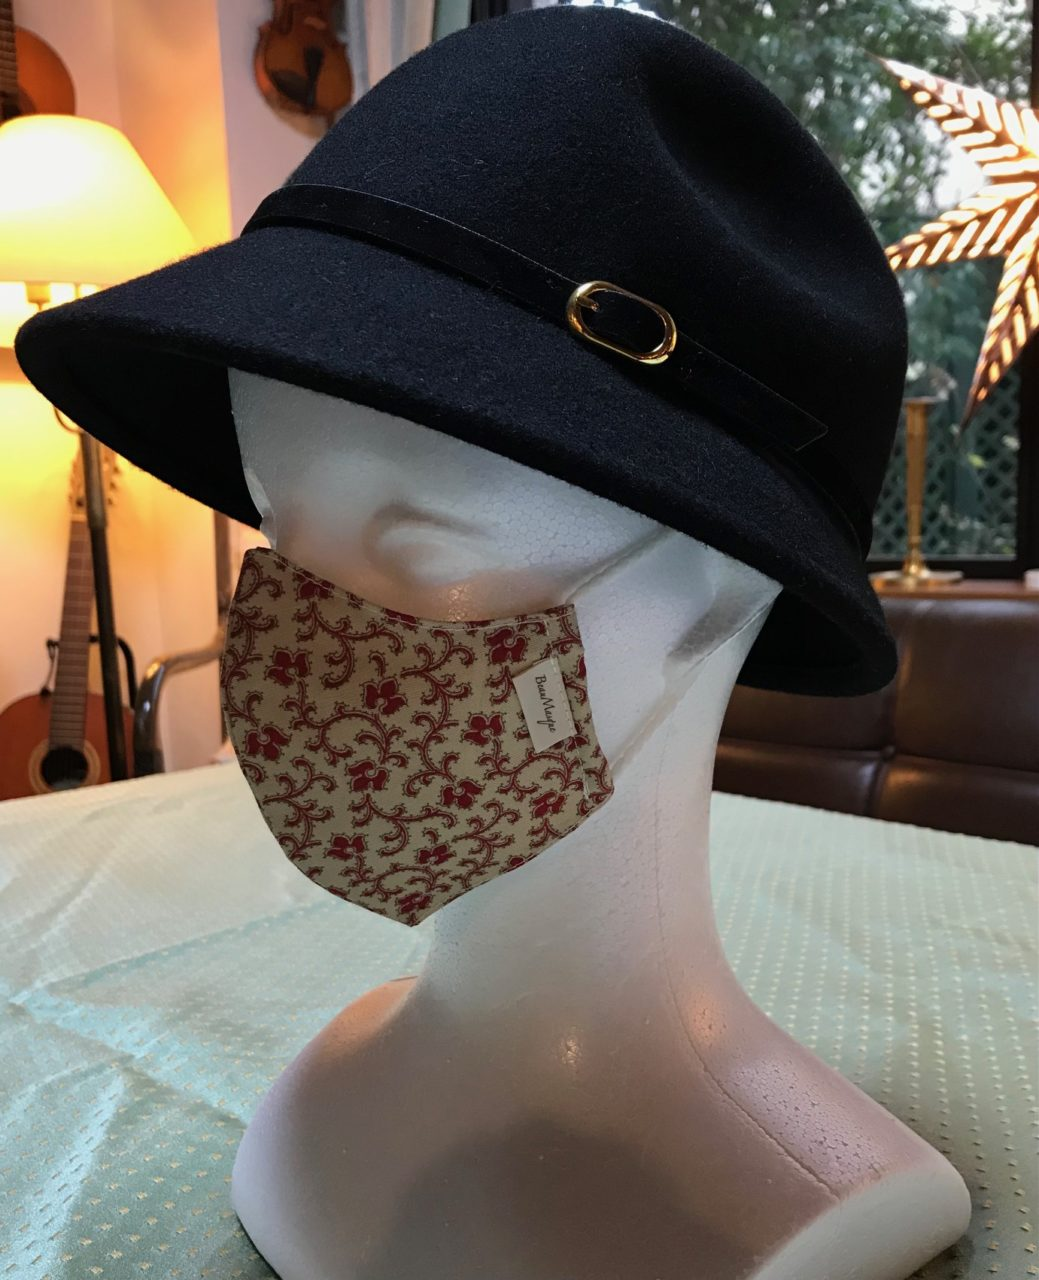 オリジナルデザイン 軽量布マスク  Masque léger en tissu, Forme originaleの画像